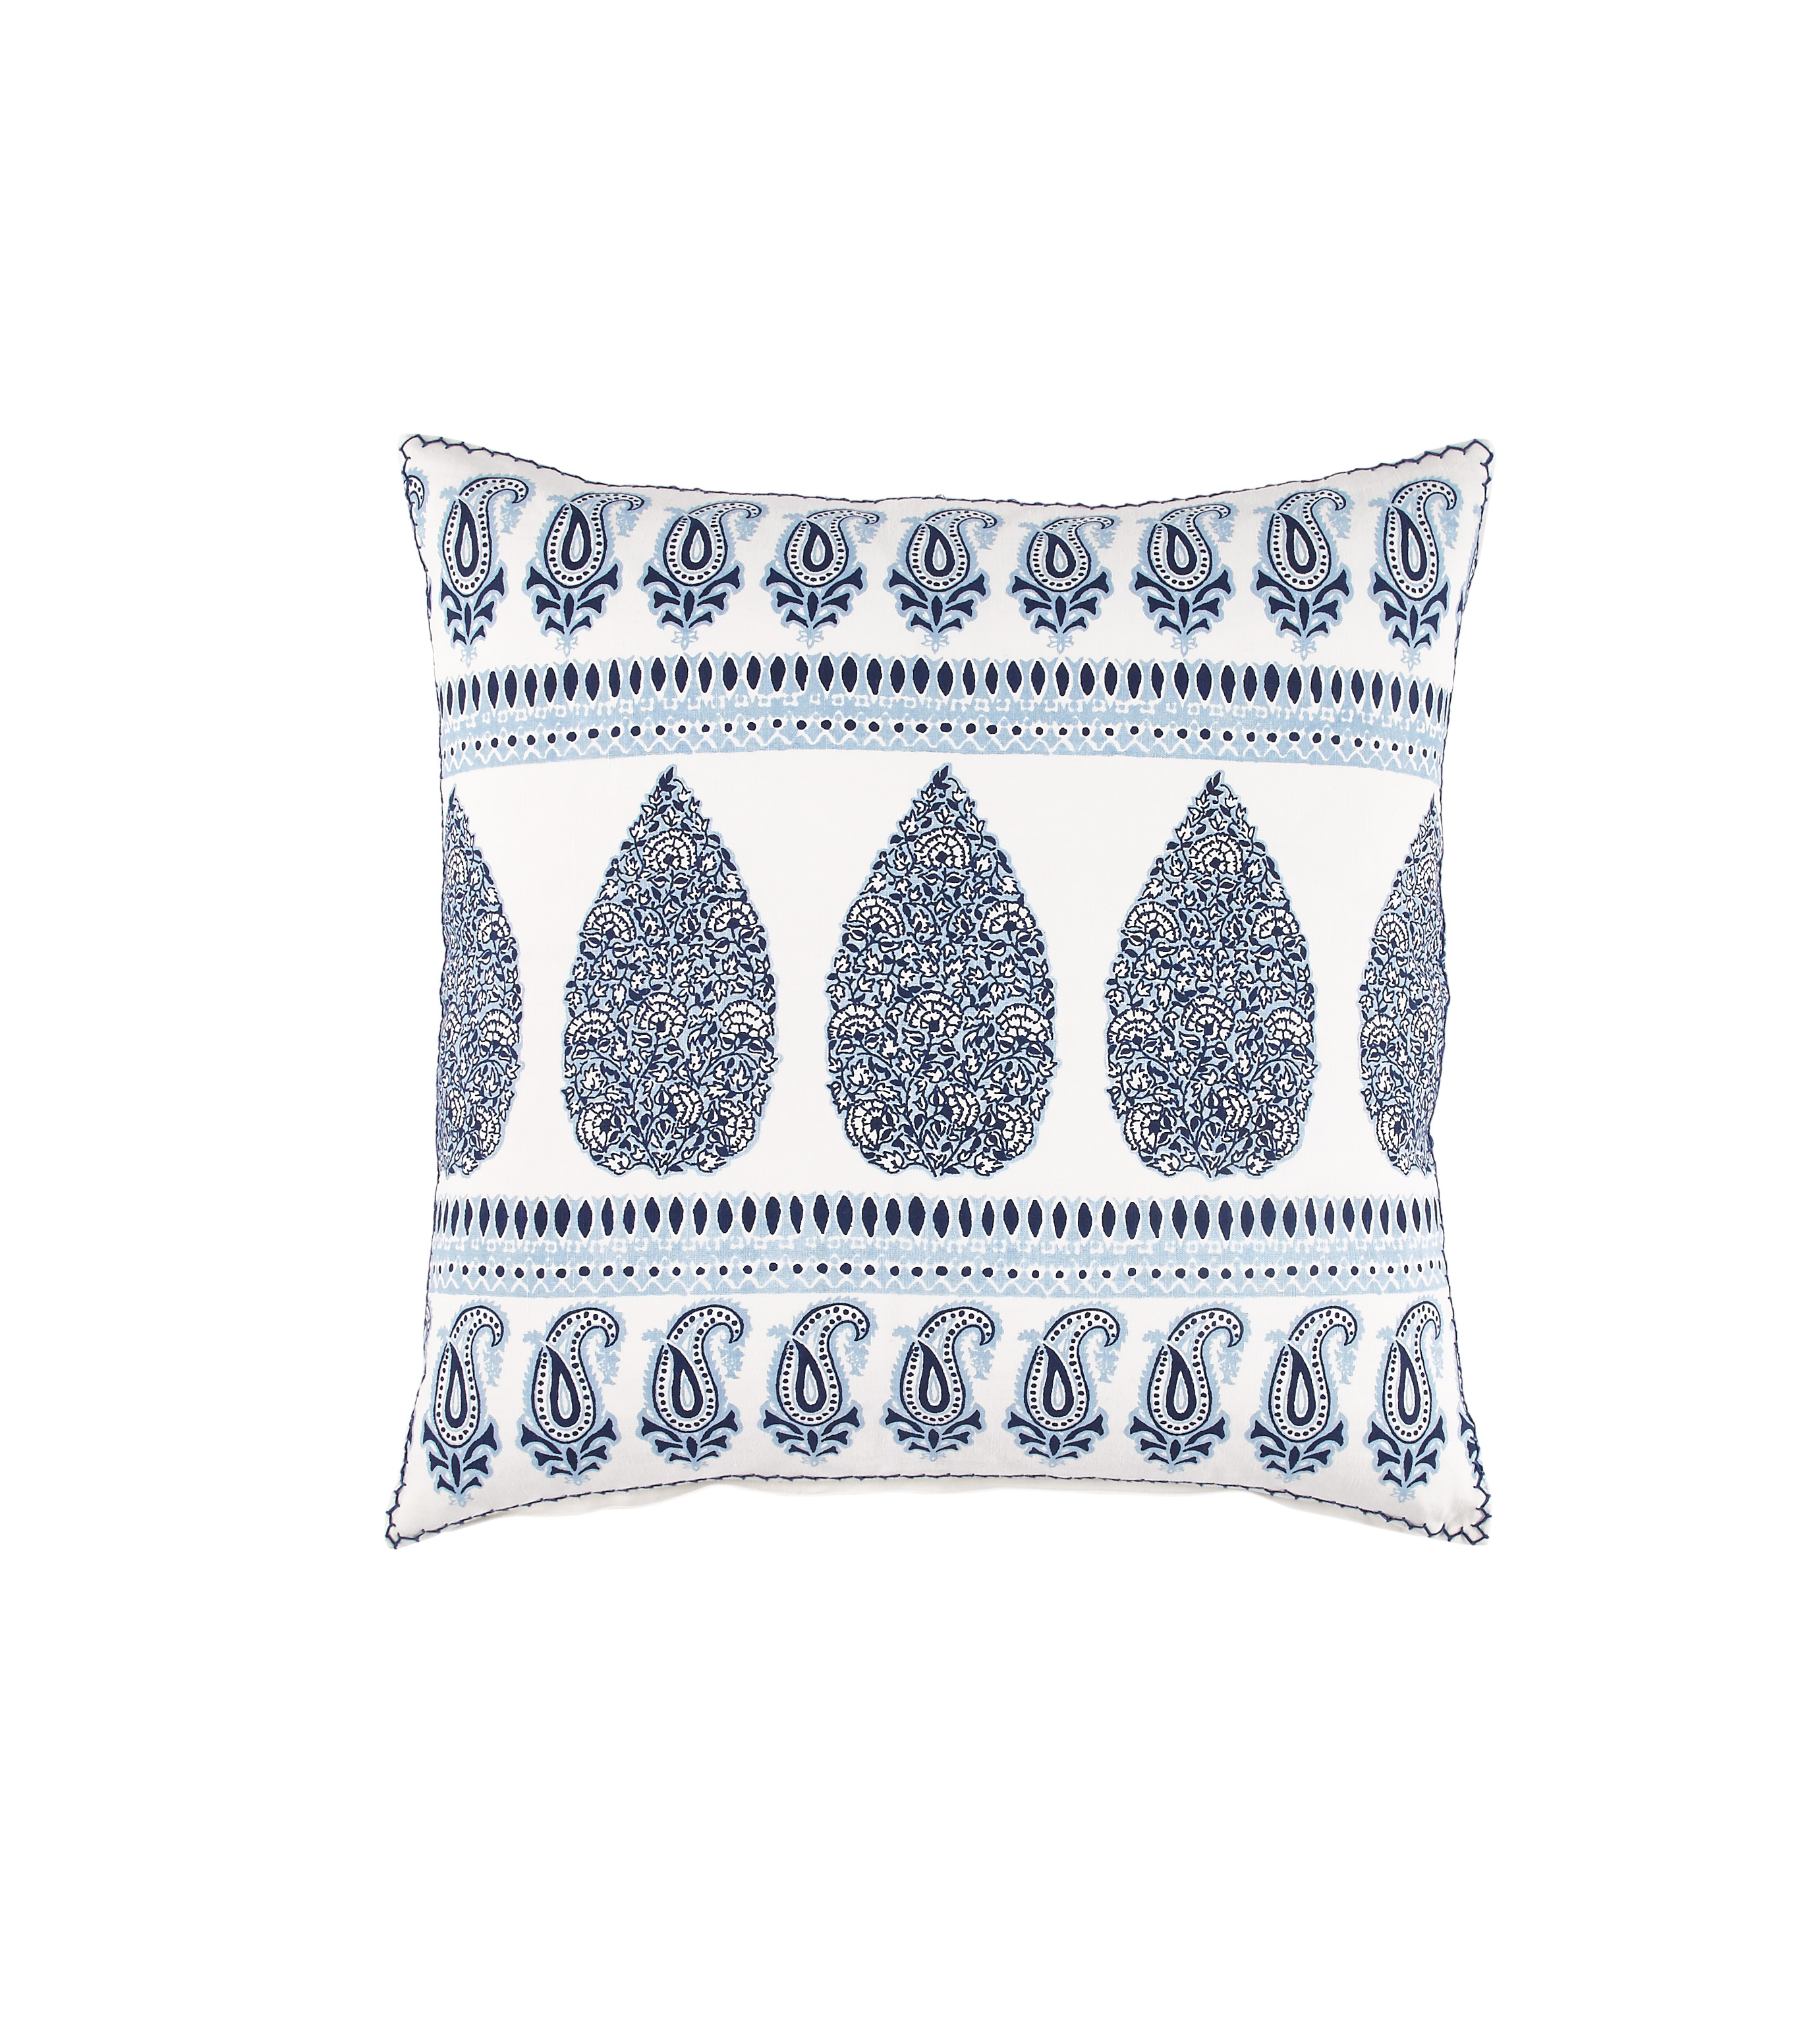 John-Robshaw-Vinoda-pillow